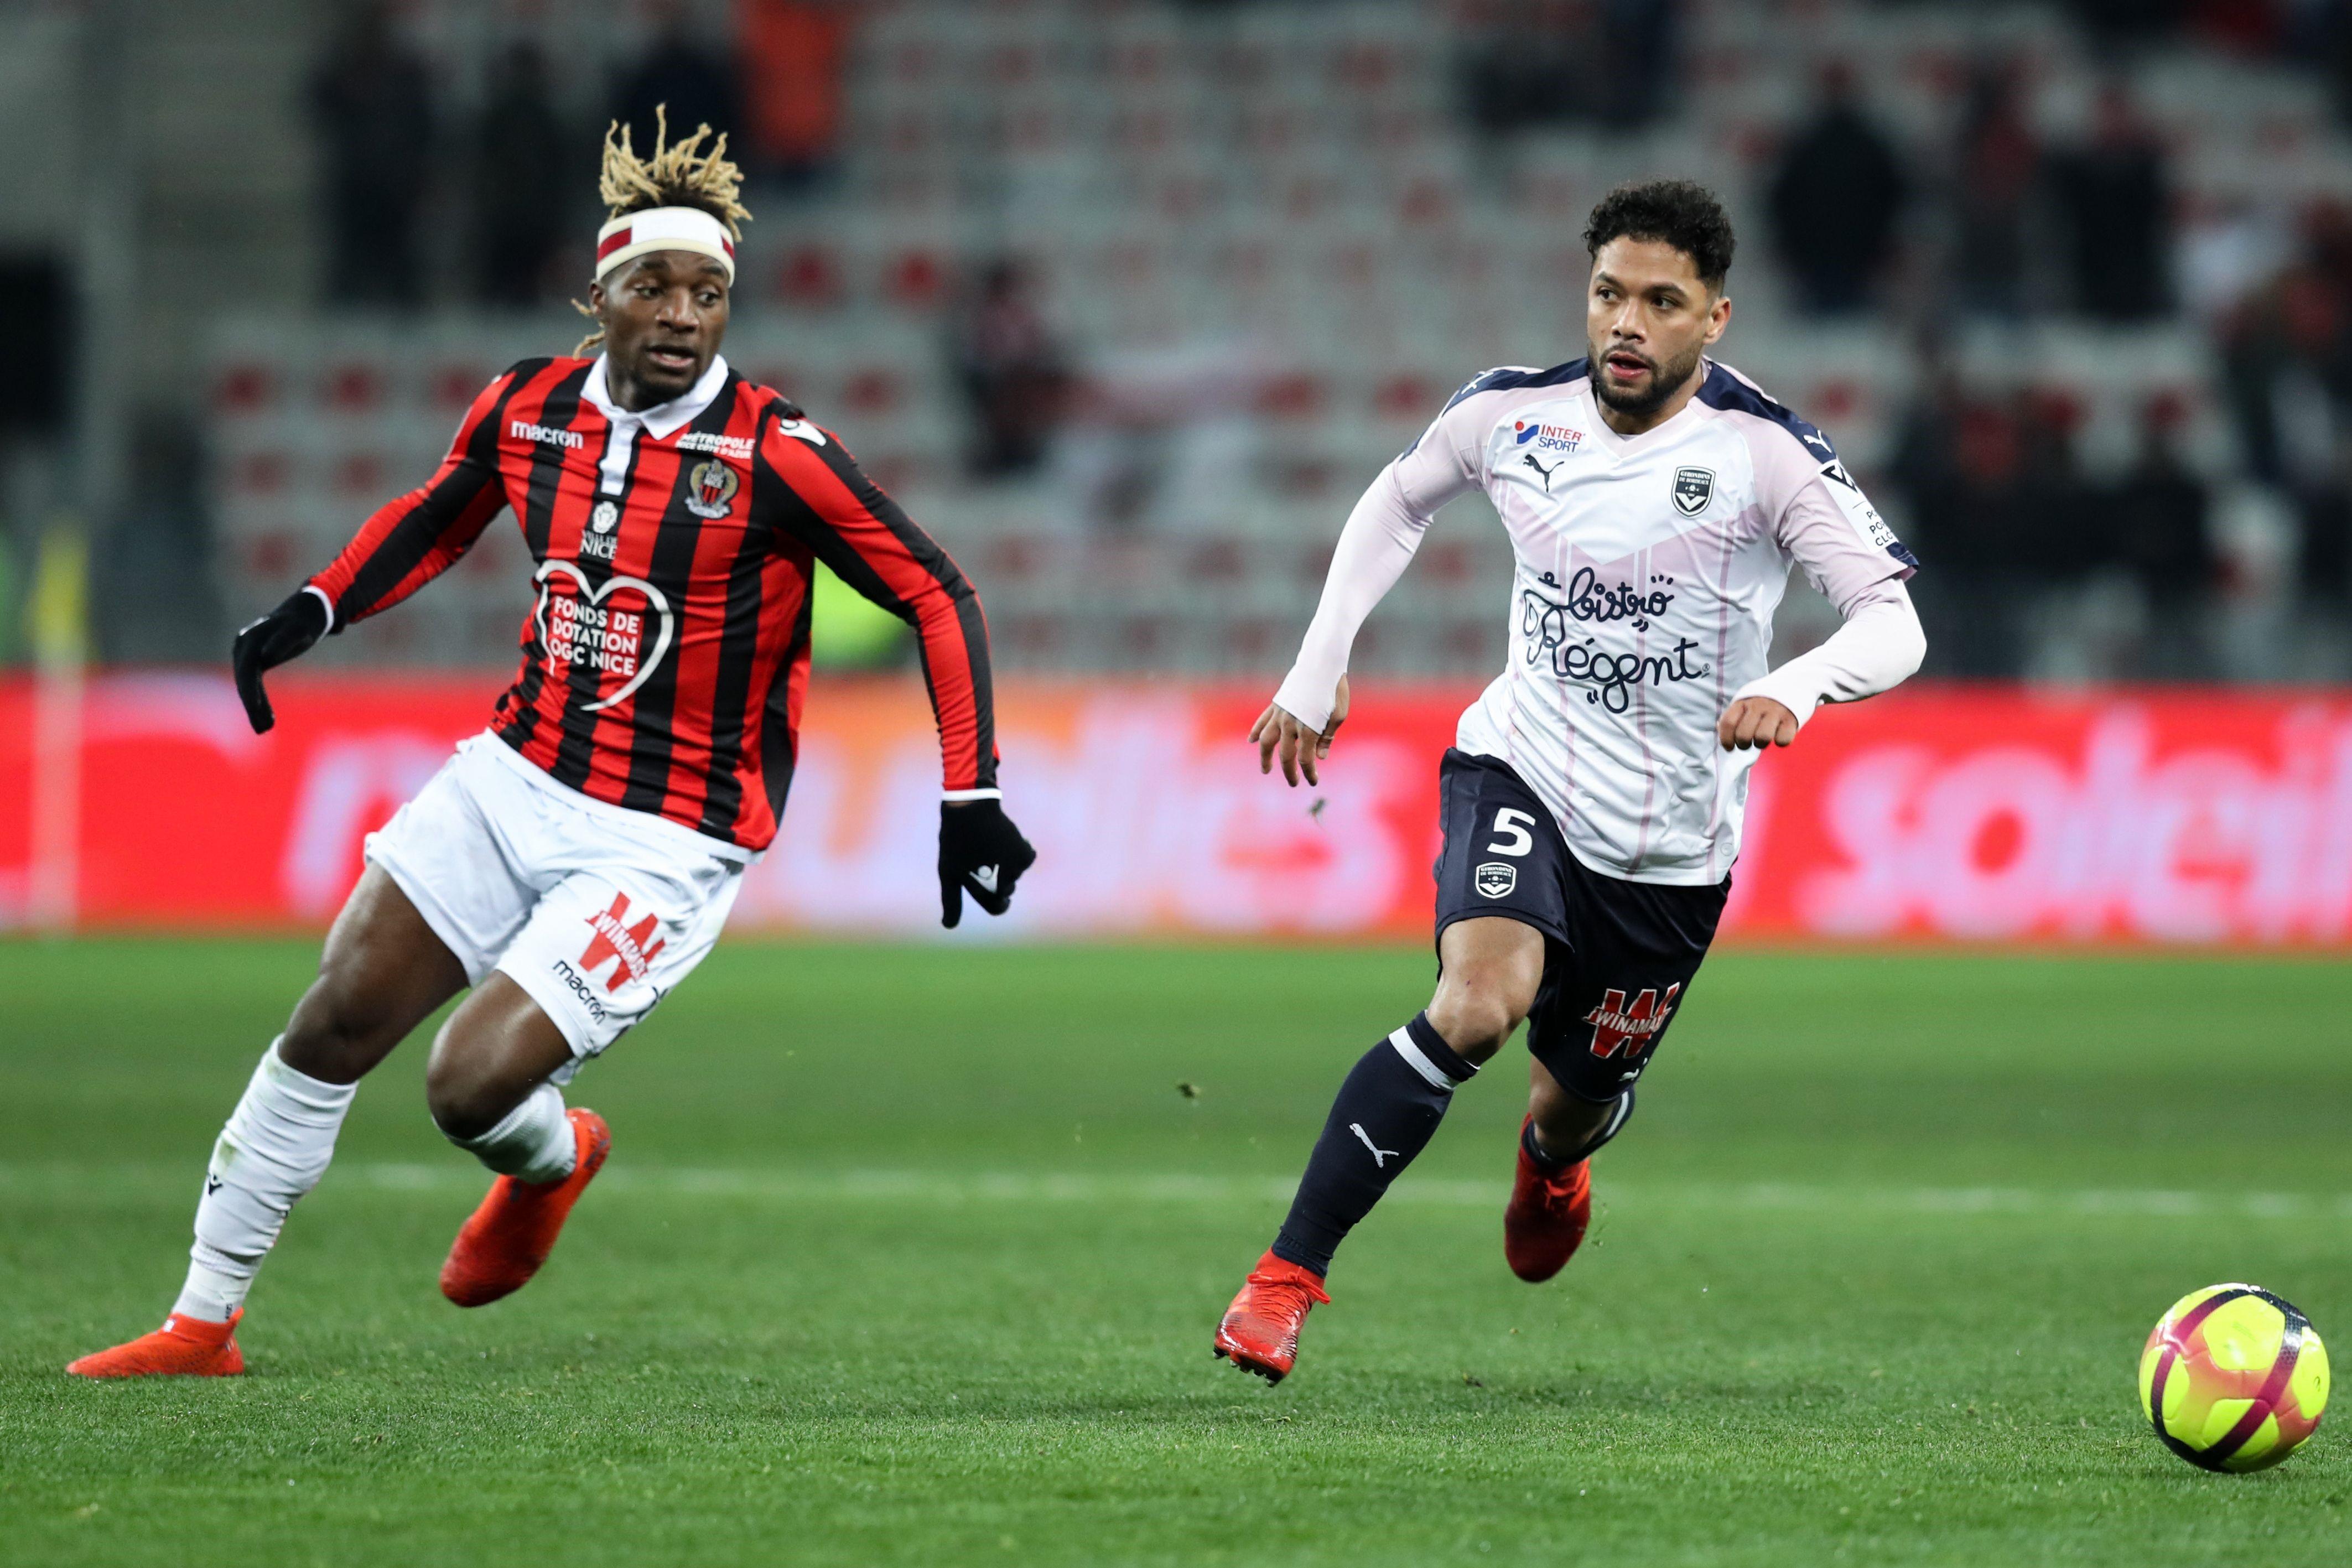 Allan Saint-Maximin et Otavio lors de Nice - Bordeaux en Ligue 1 le 12 janvier 2019